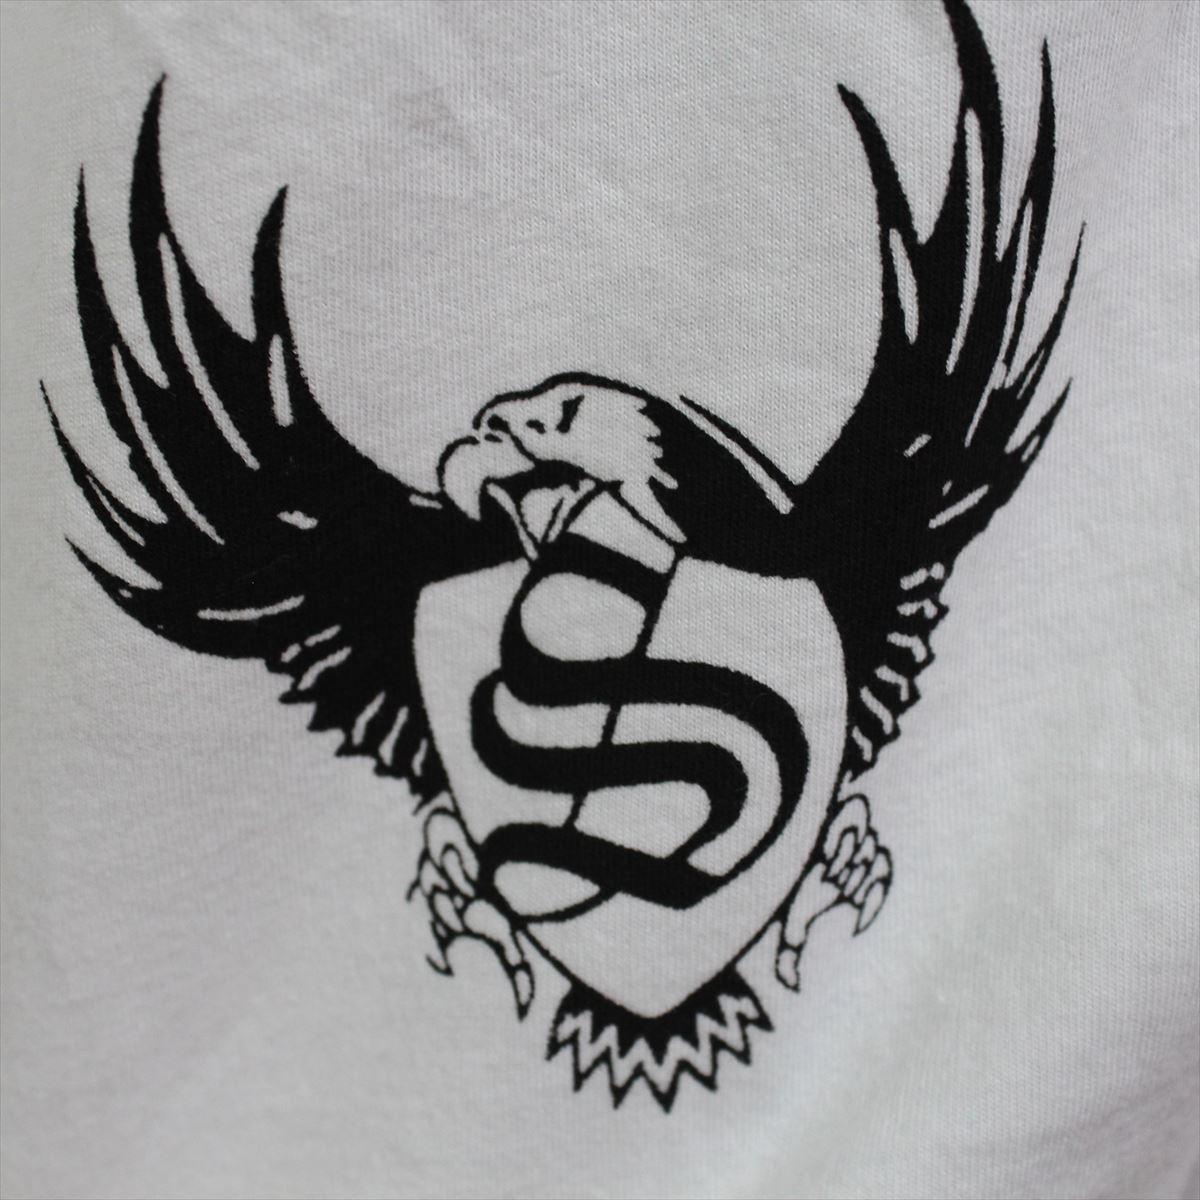 スメット SMET メンズ半袖Tシャツ ホワイト Sサイズ NO4 新品 白_画像4